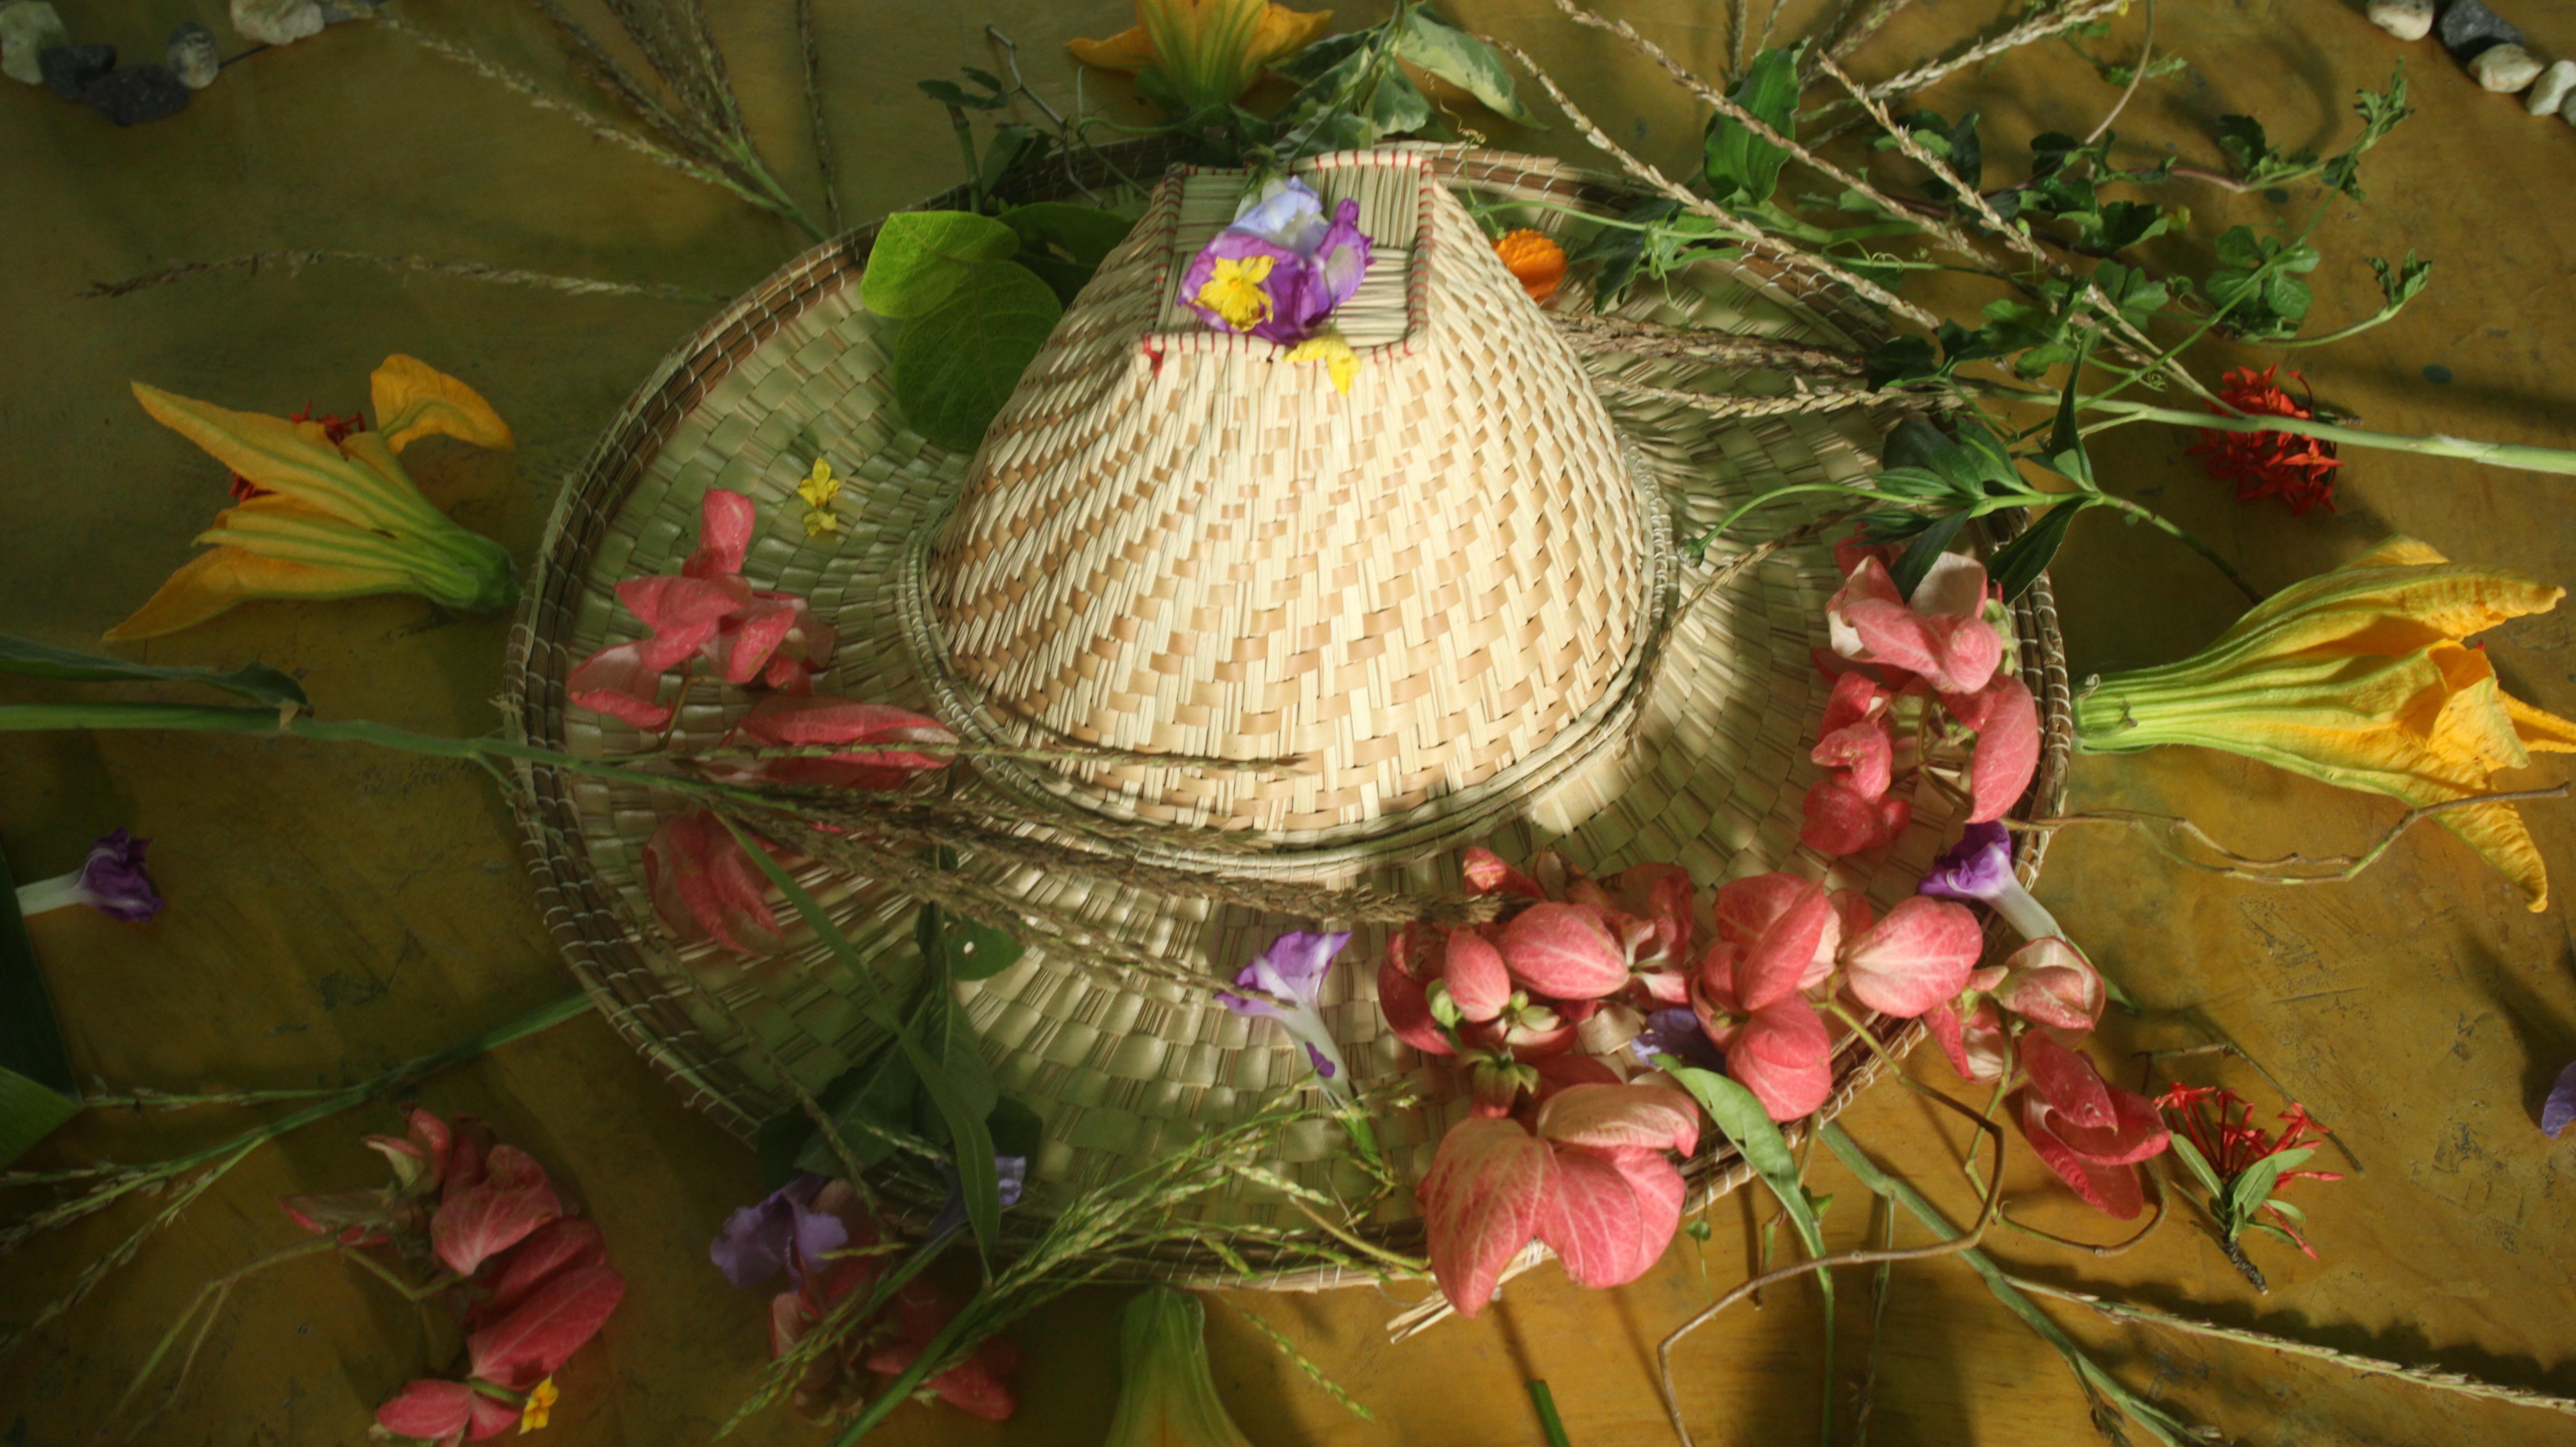 Mistica del tercer dia con un sombrero yukpa en el centro, con flores y plantas recojidas en el jardin de Caquetios 2.jpg